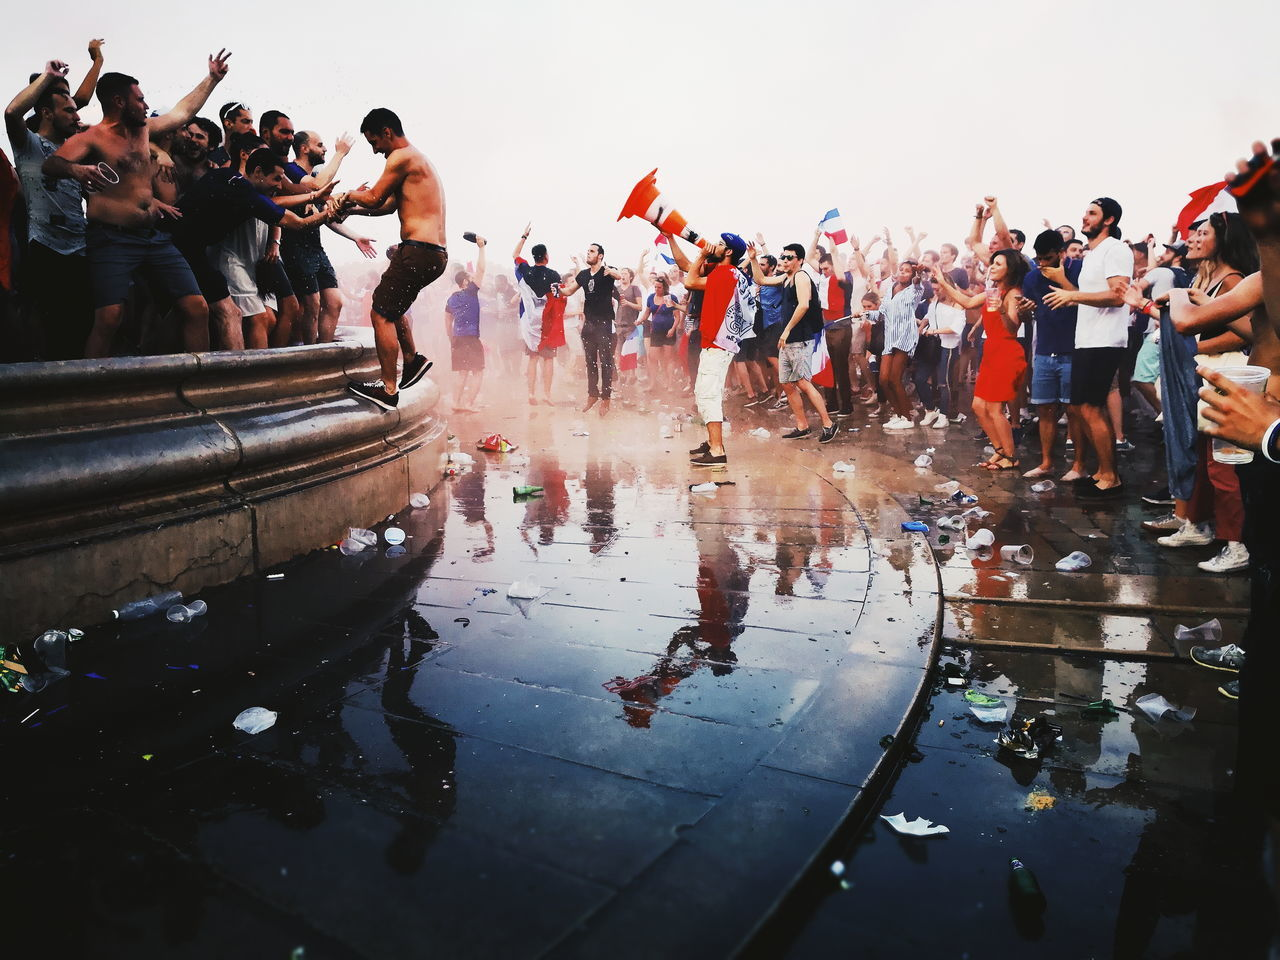 Bordeaux,  Celebrating,  City,  Crowd,  Dance